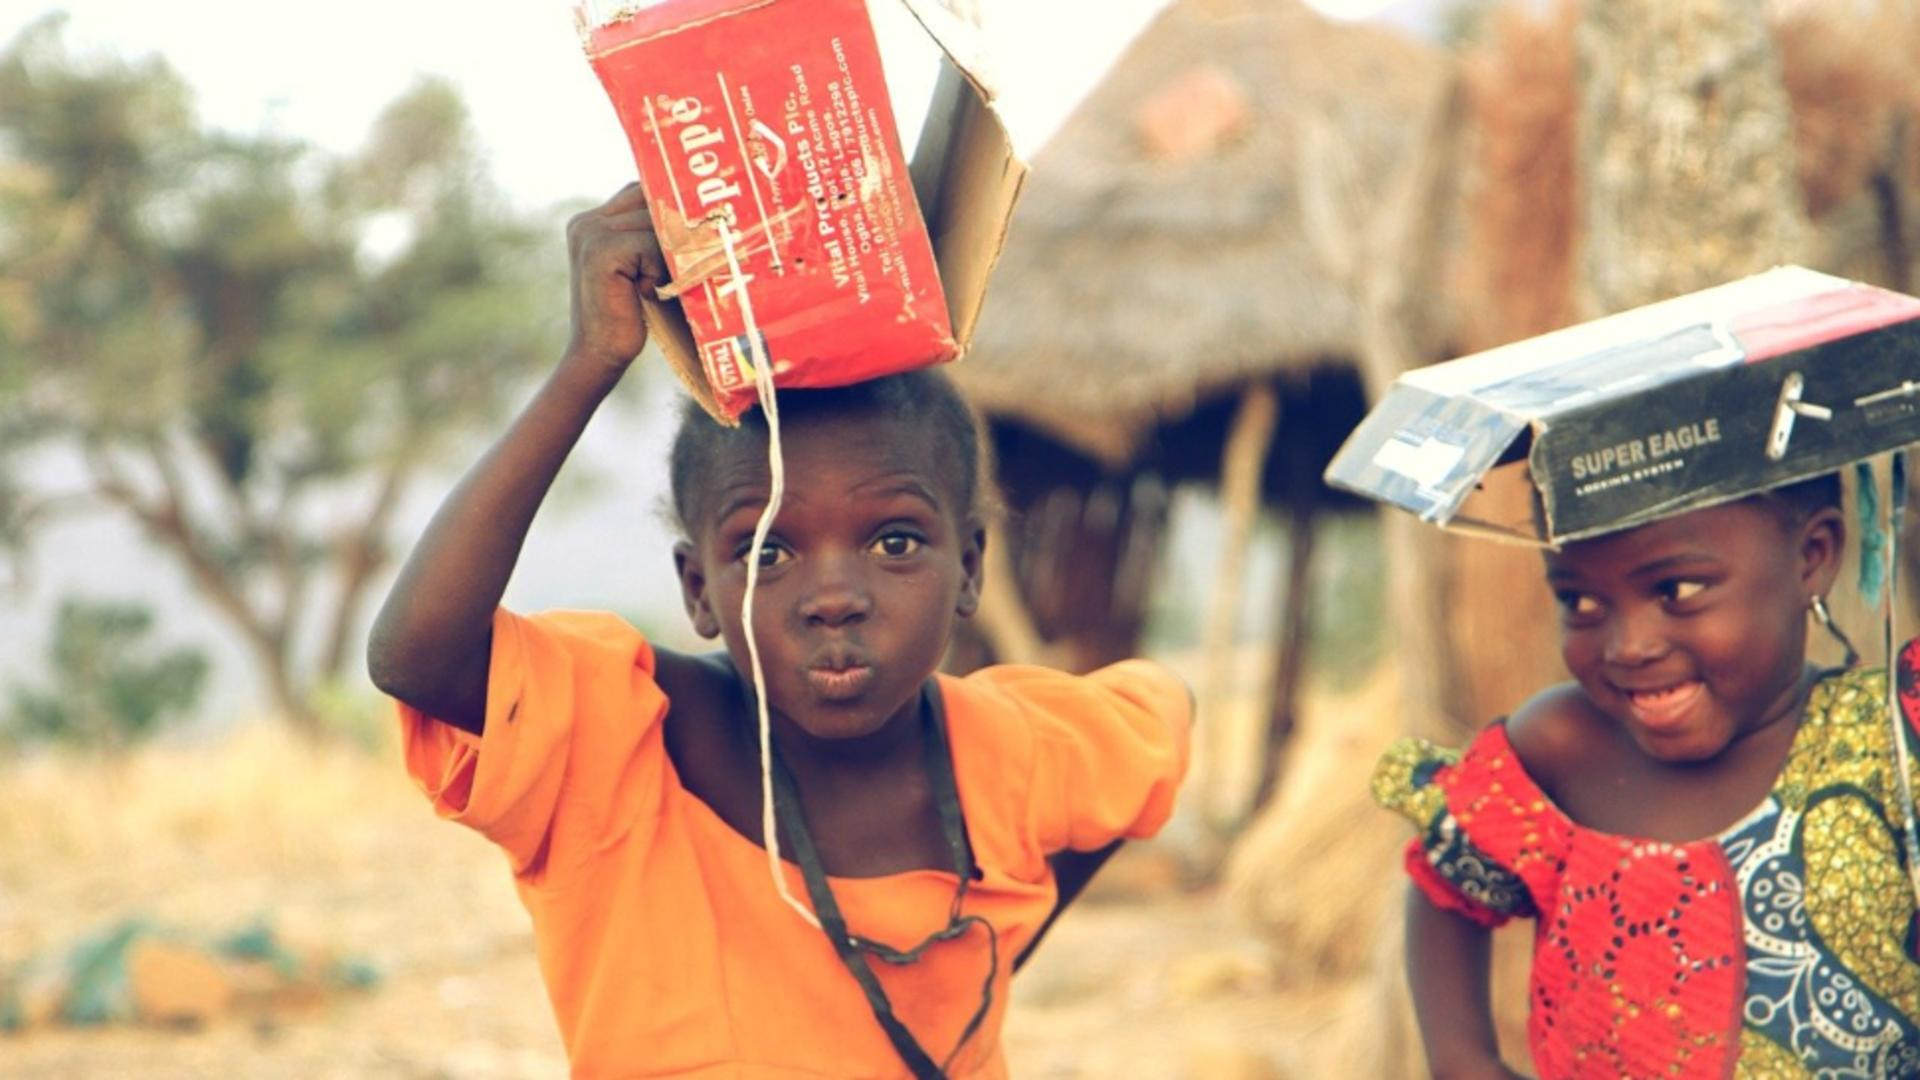 Sursă foto: pixabay.com / Copii pe străzi, în Africa